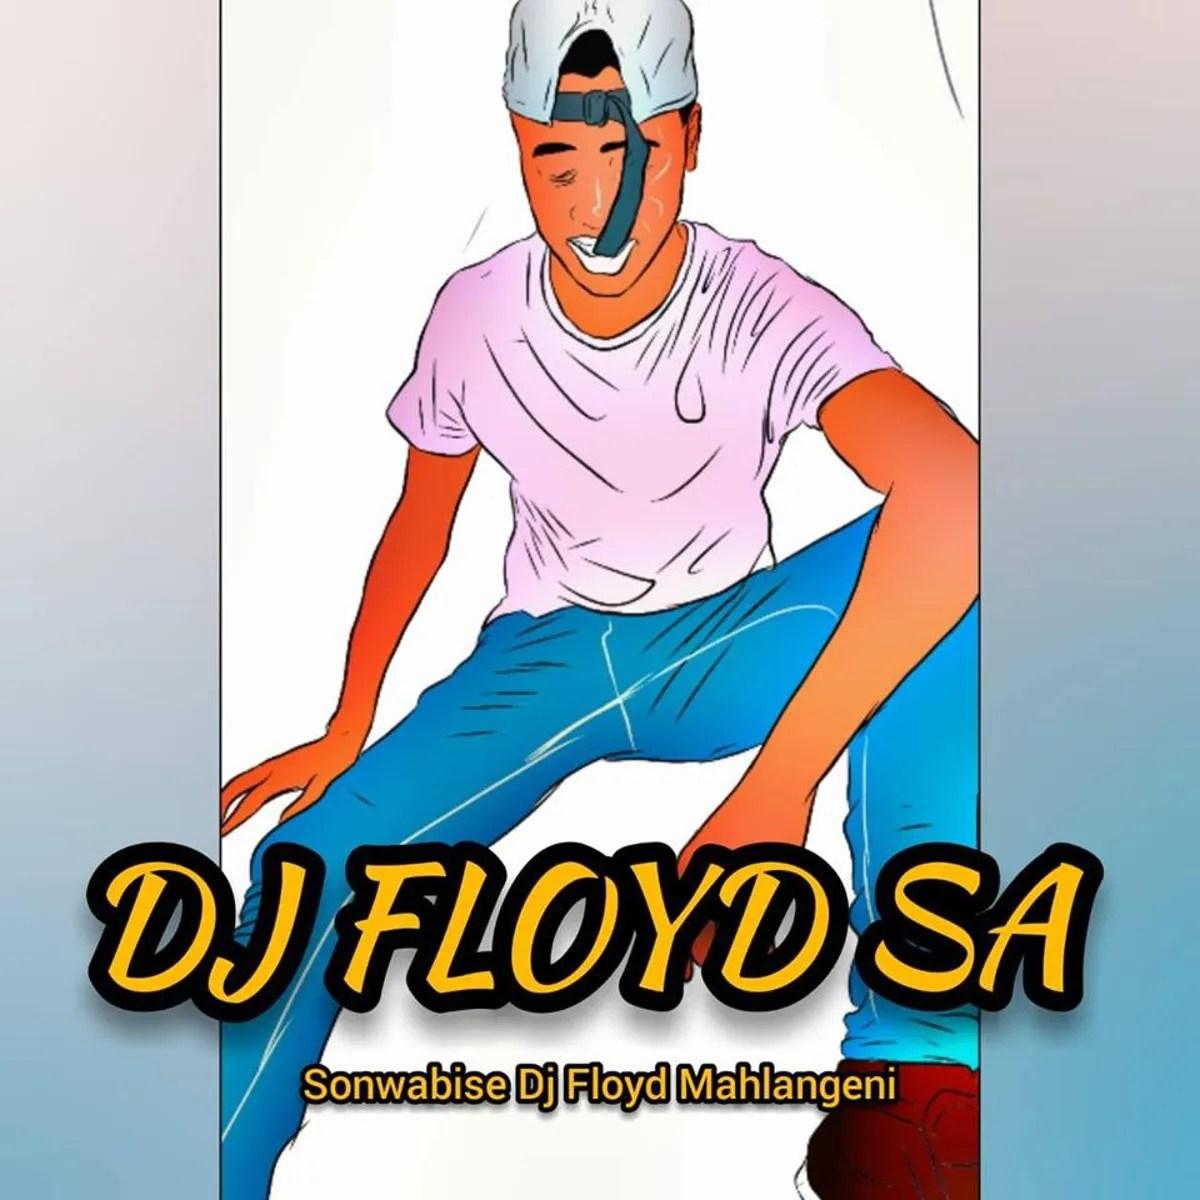 Dj Floyd - Ndili Bhele